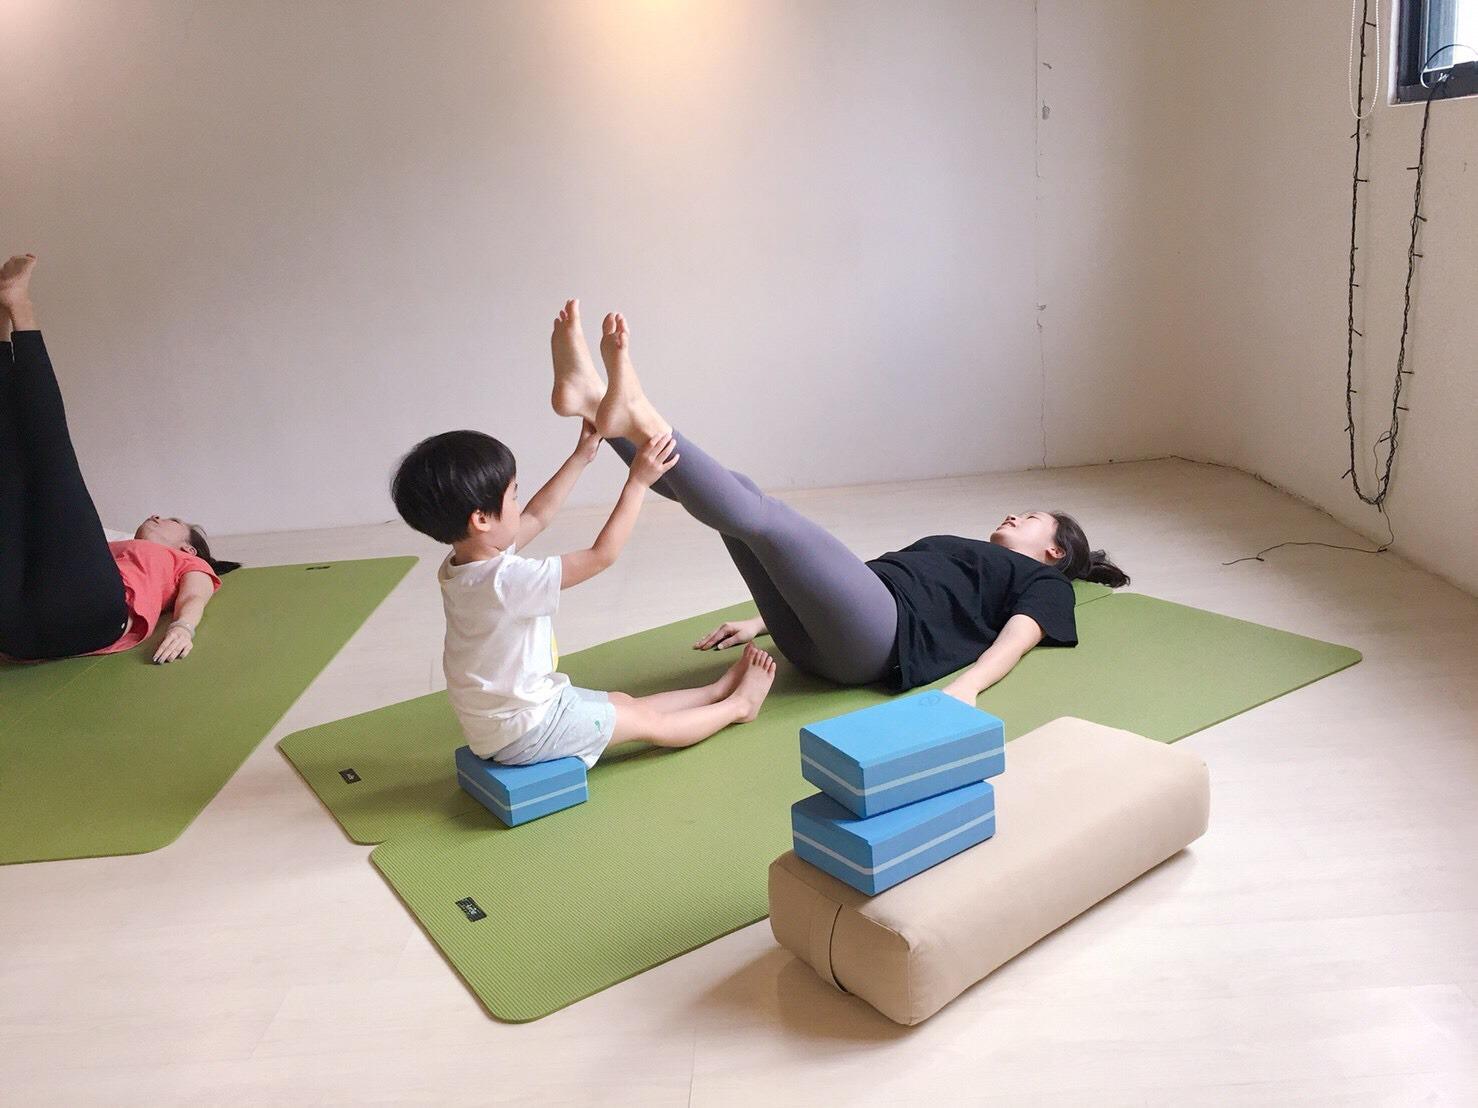 瑜珈 親子瑜珈 瑜珈課程 初學